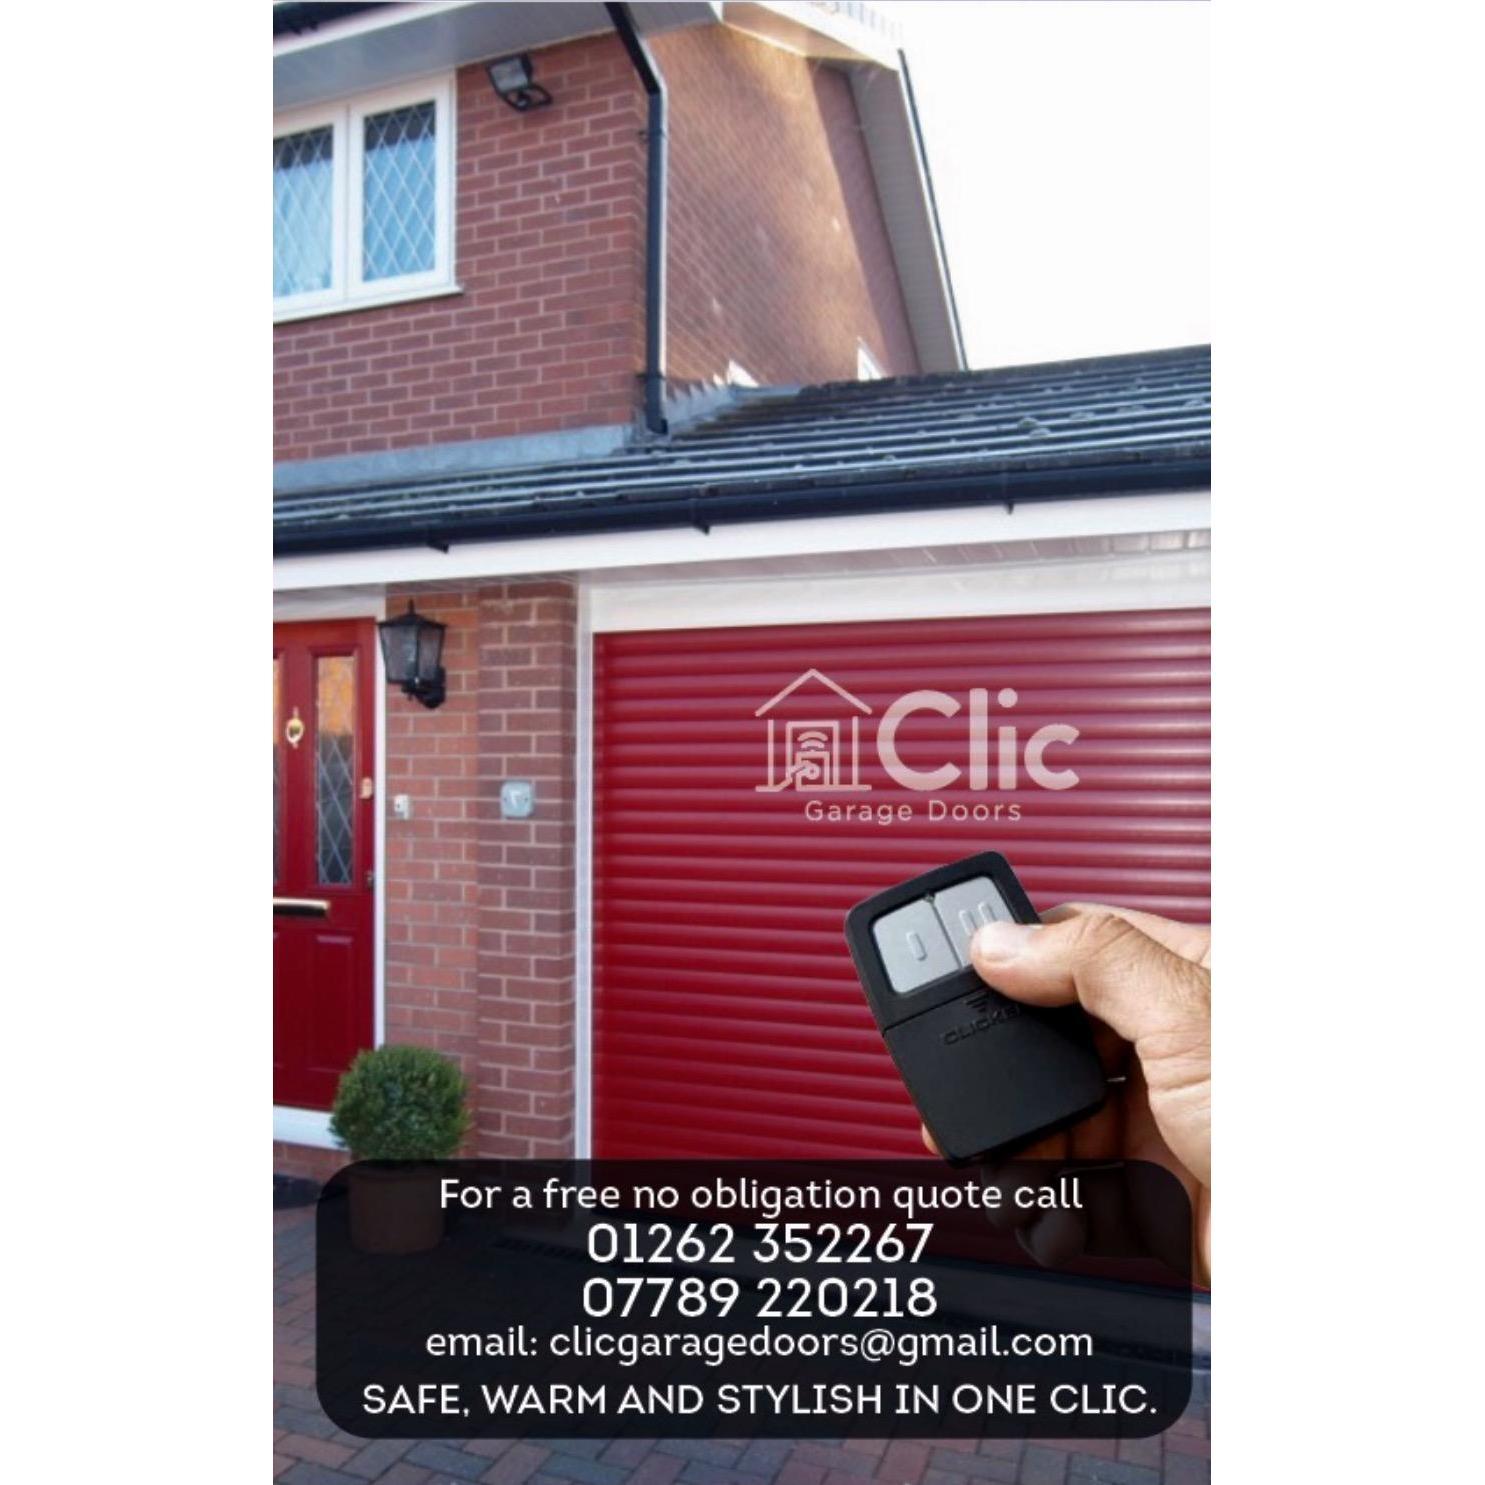 Clic Garage Doors  sc 1 st  192.com & Clic Garage Doors - Doors \u0026 Shutters (sales And Installation) in ...